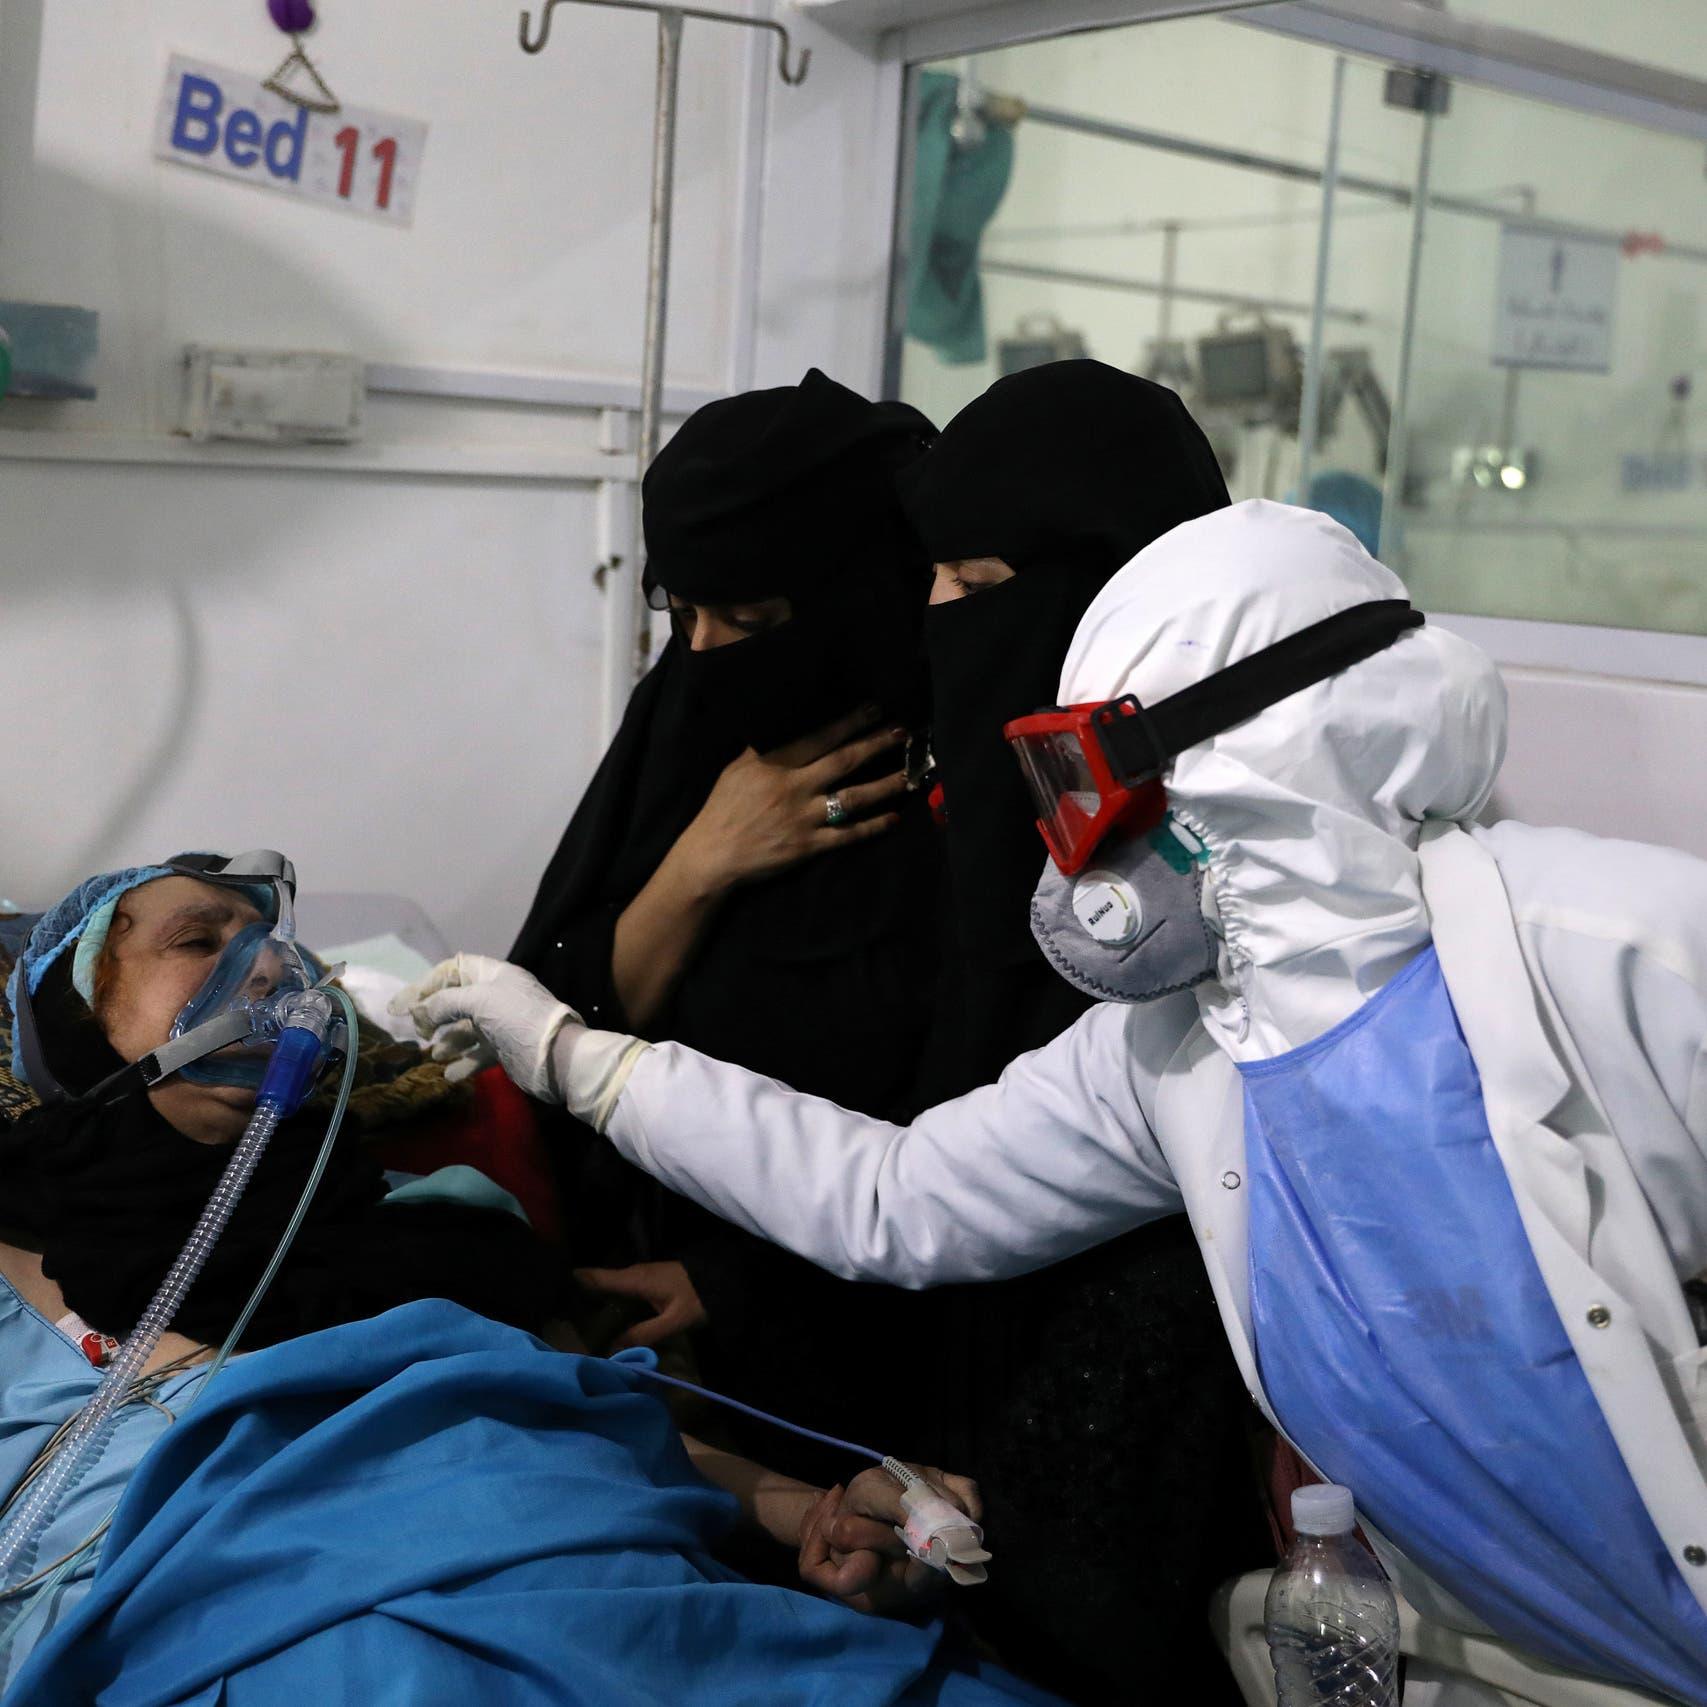 أكثر من 4100 انتهاك حوثي في القطاع الصحي خلال 4 سنوات